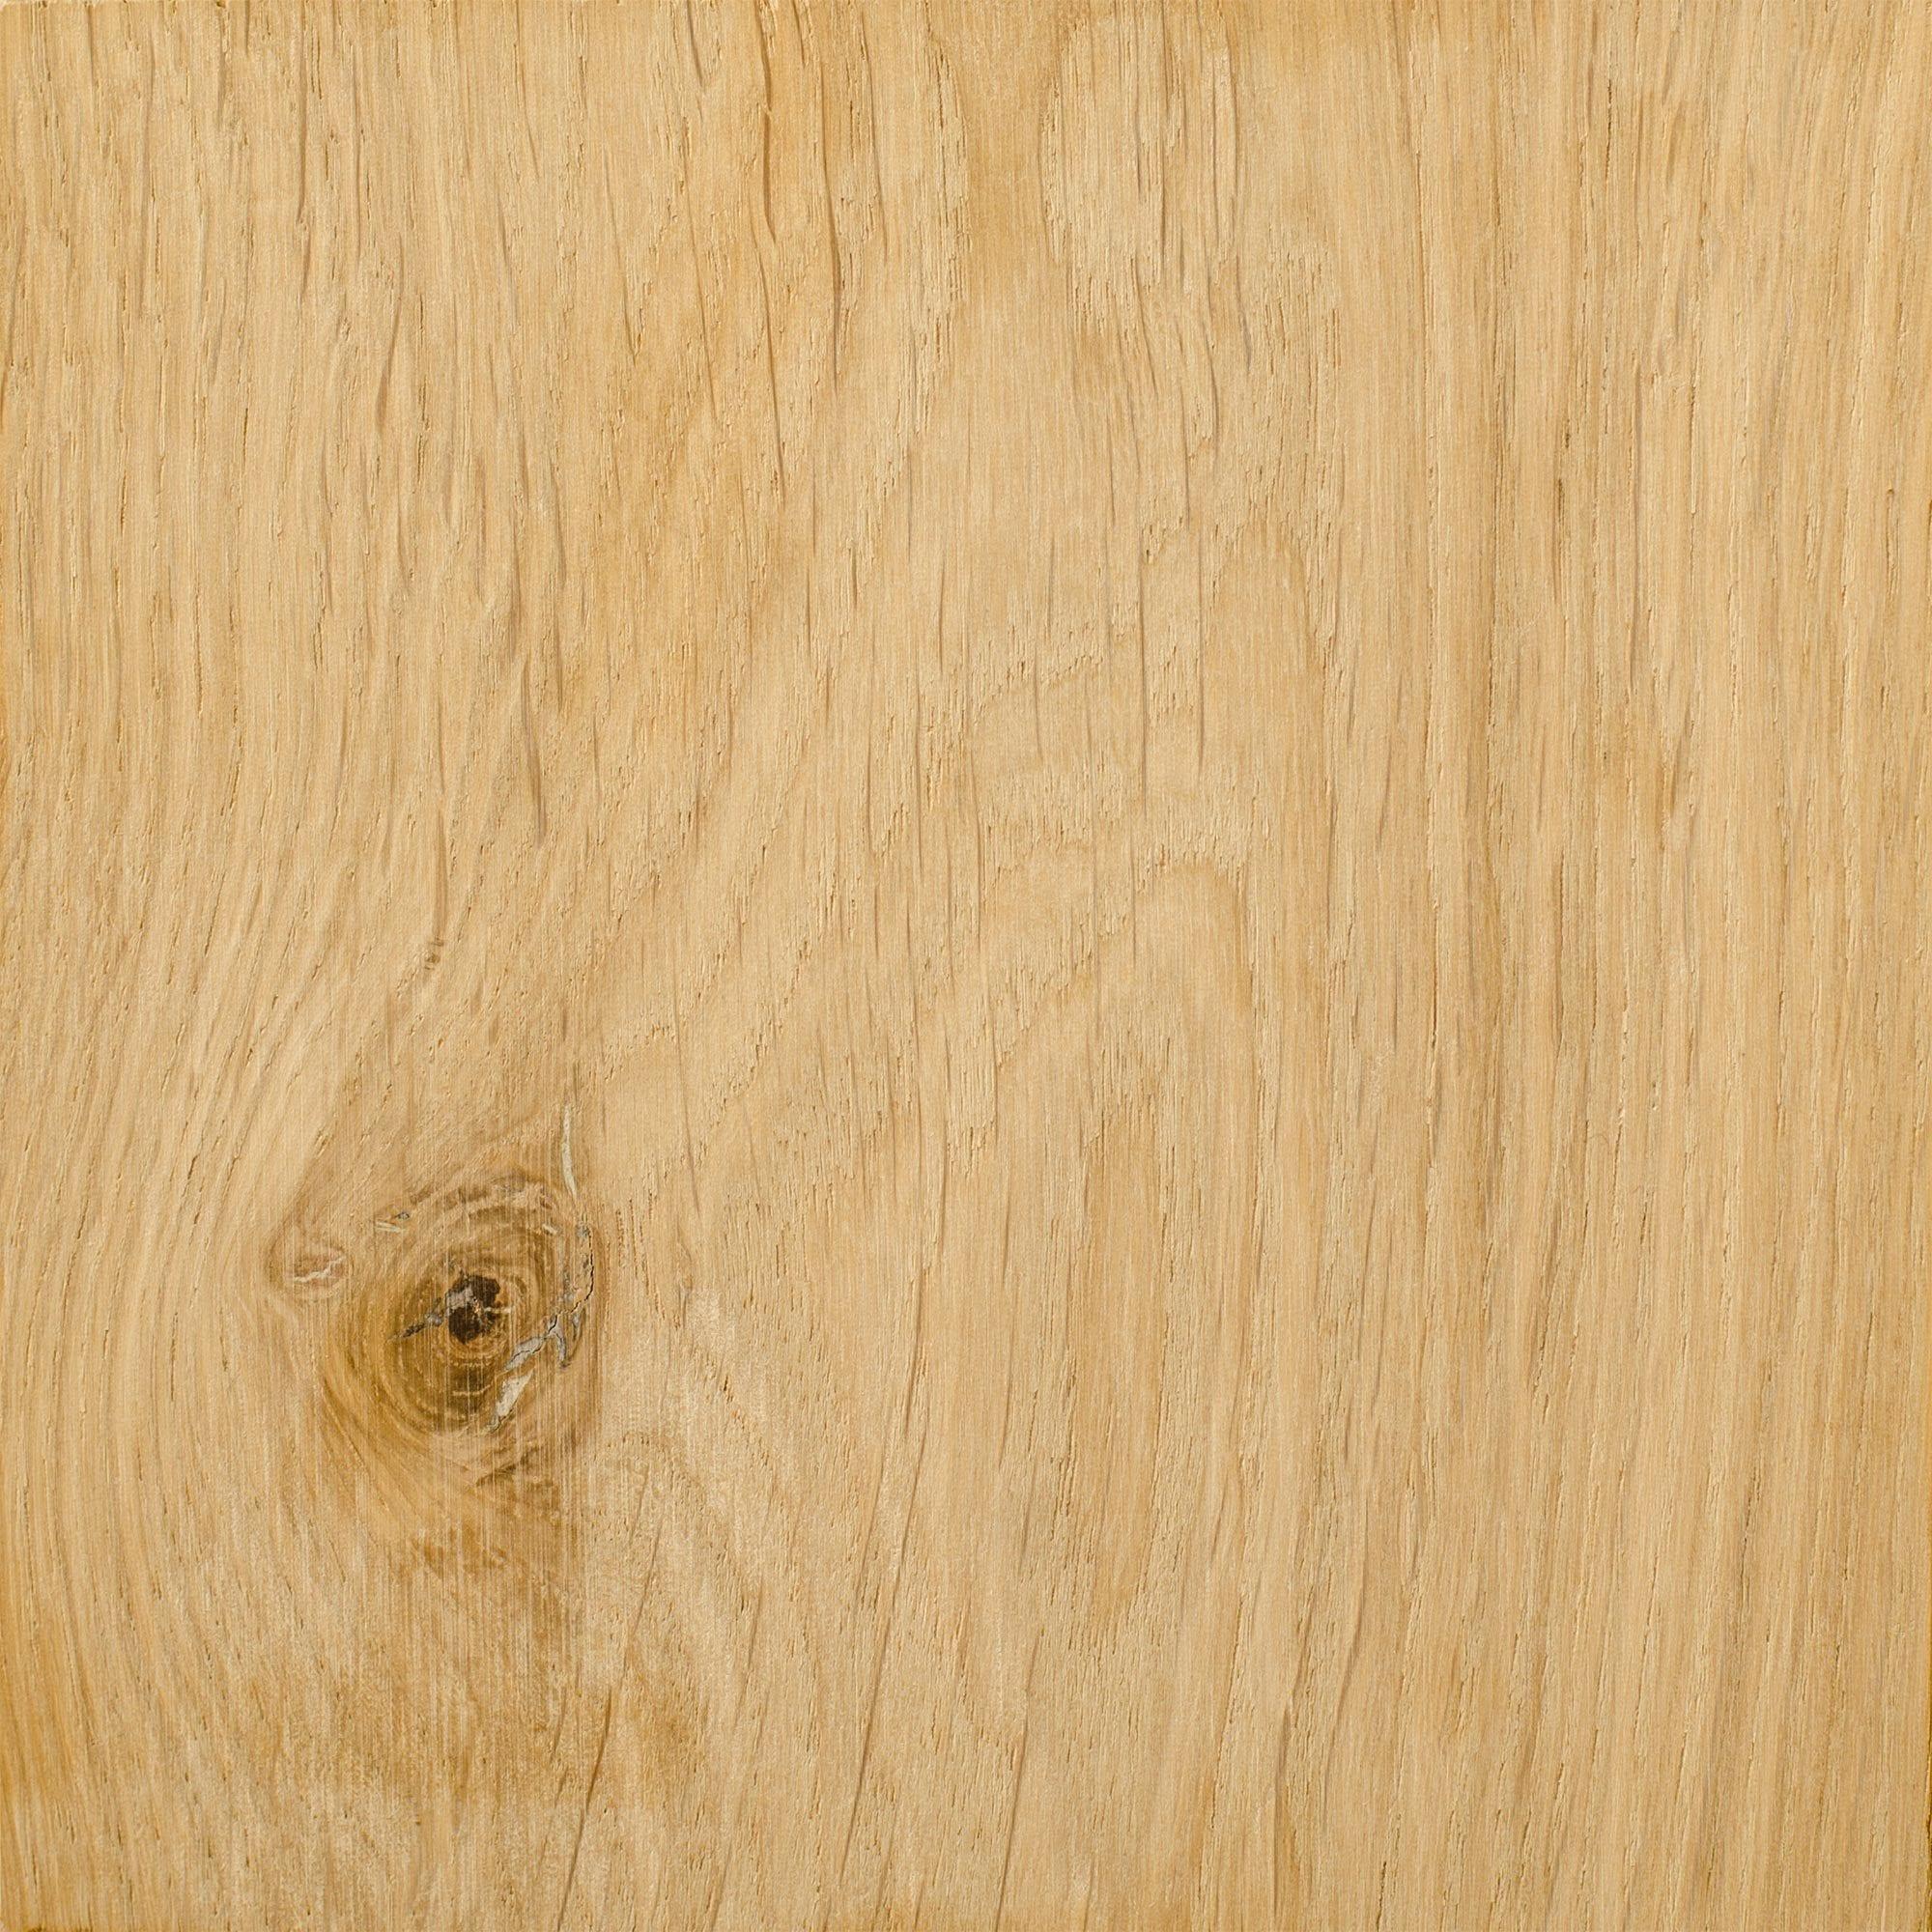 Purezawood Engineered French White Oak